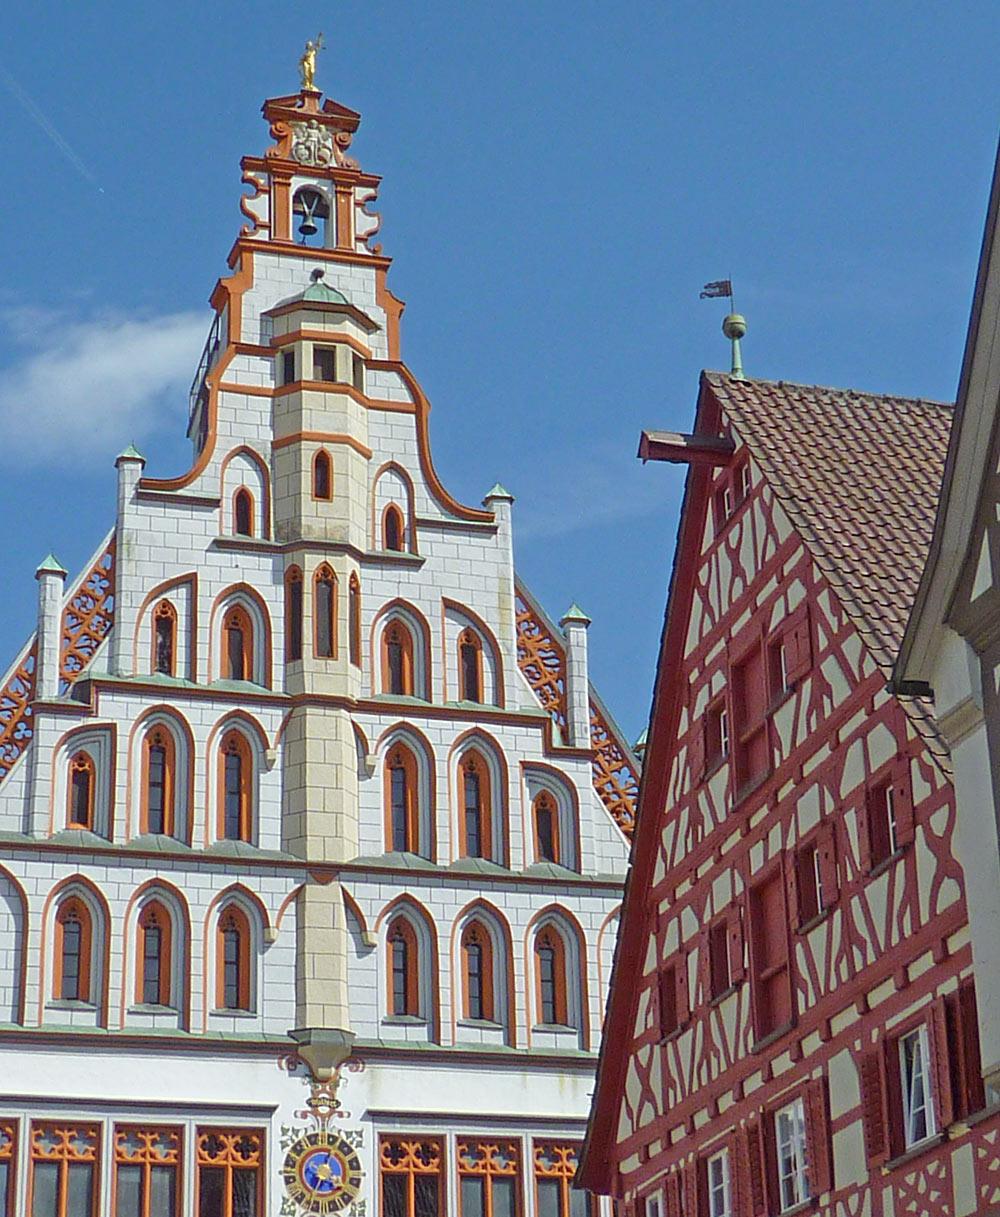 Außenansicht des Rathauses in Bad Waldsee